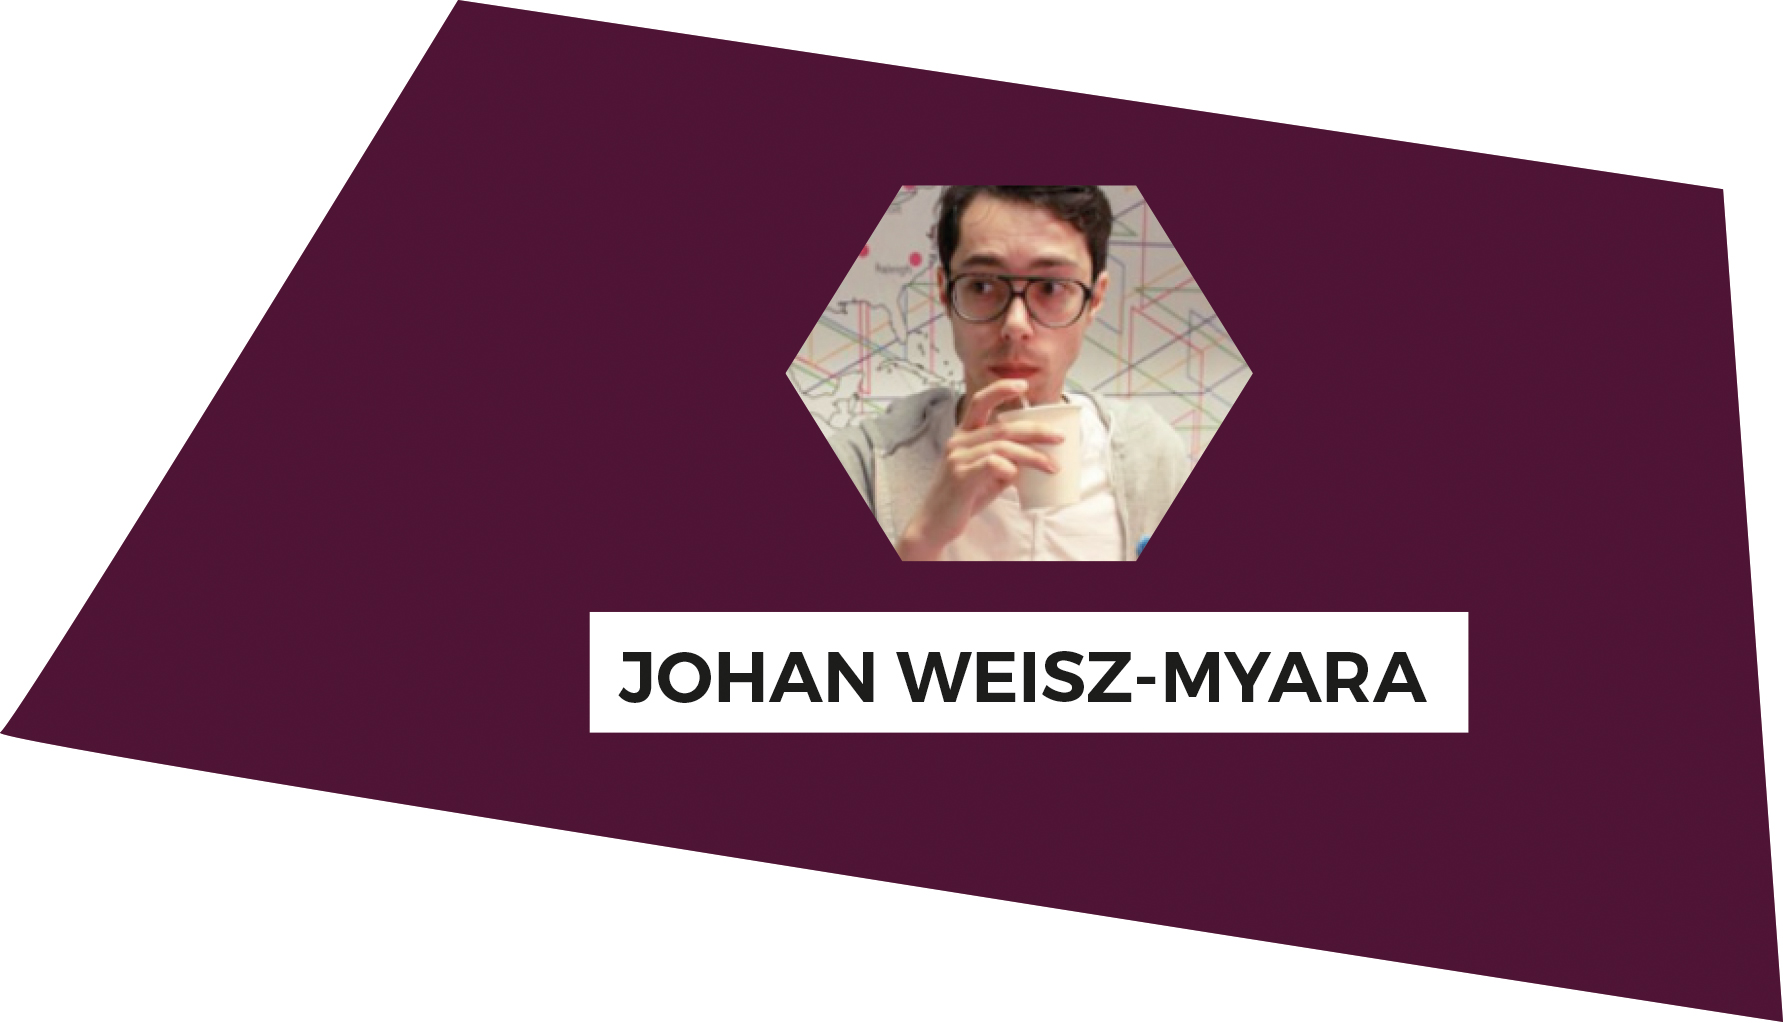 Johan Weisz Myara